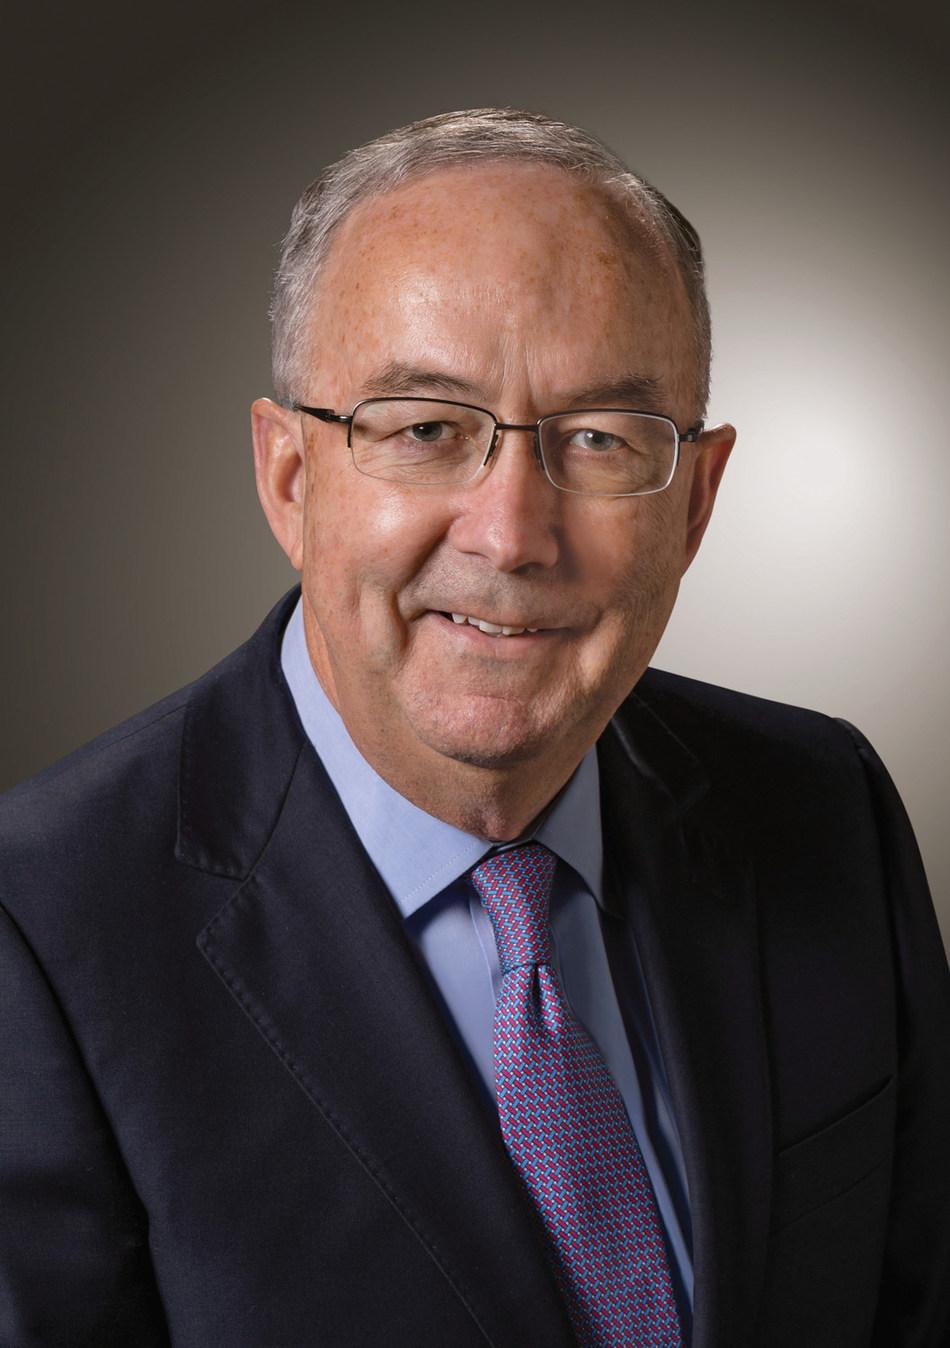 Samuel R. Allen